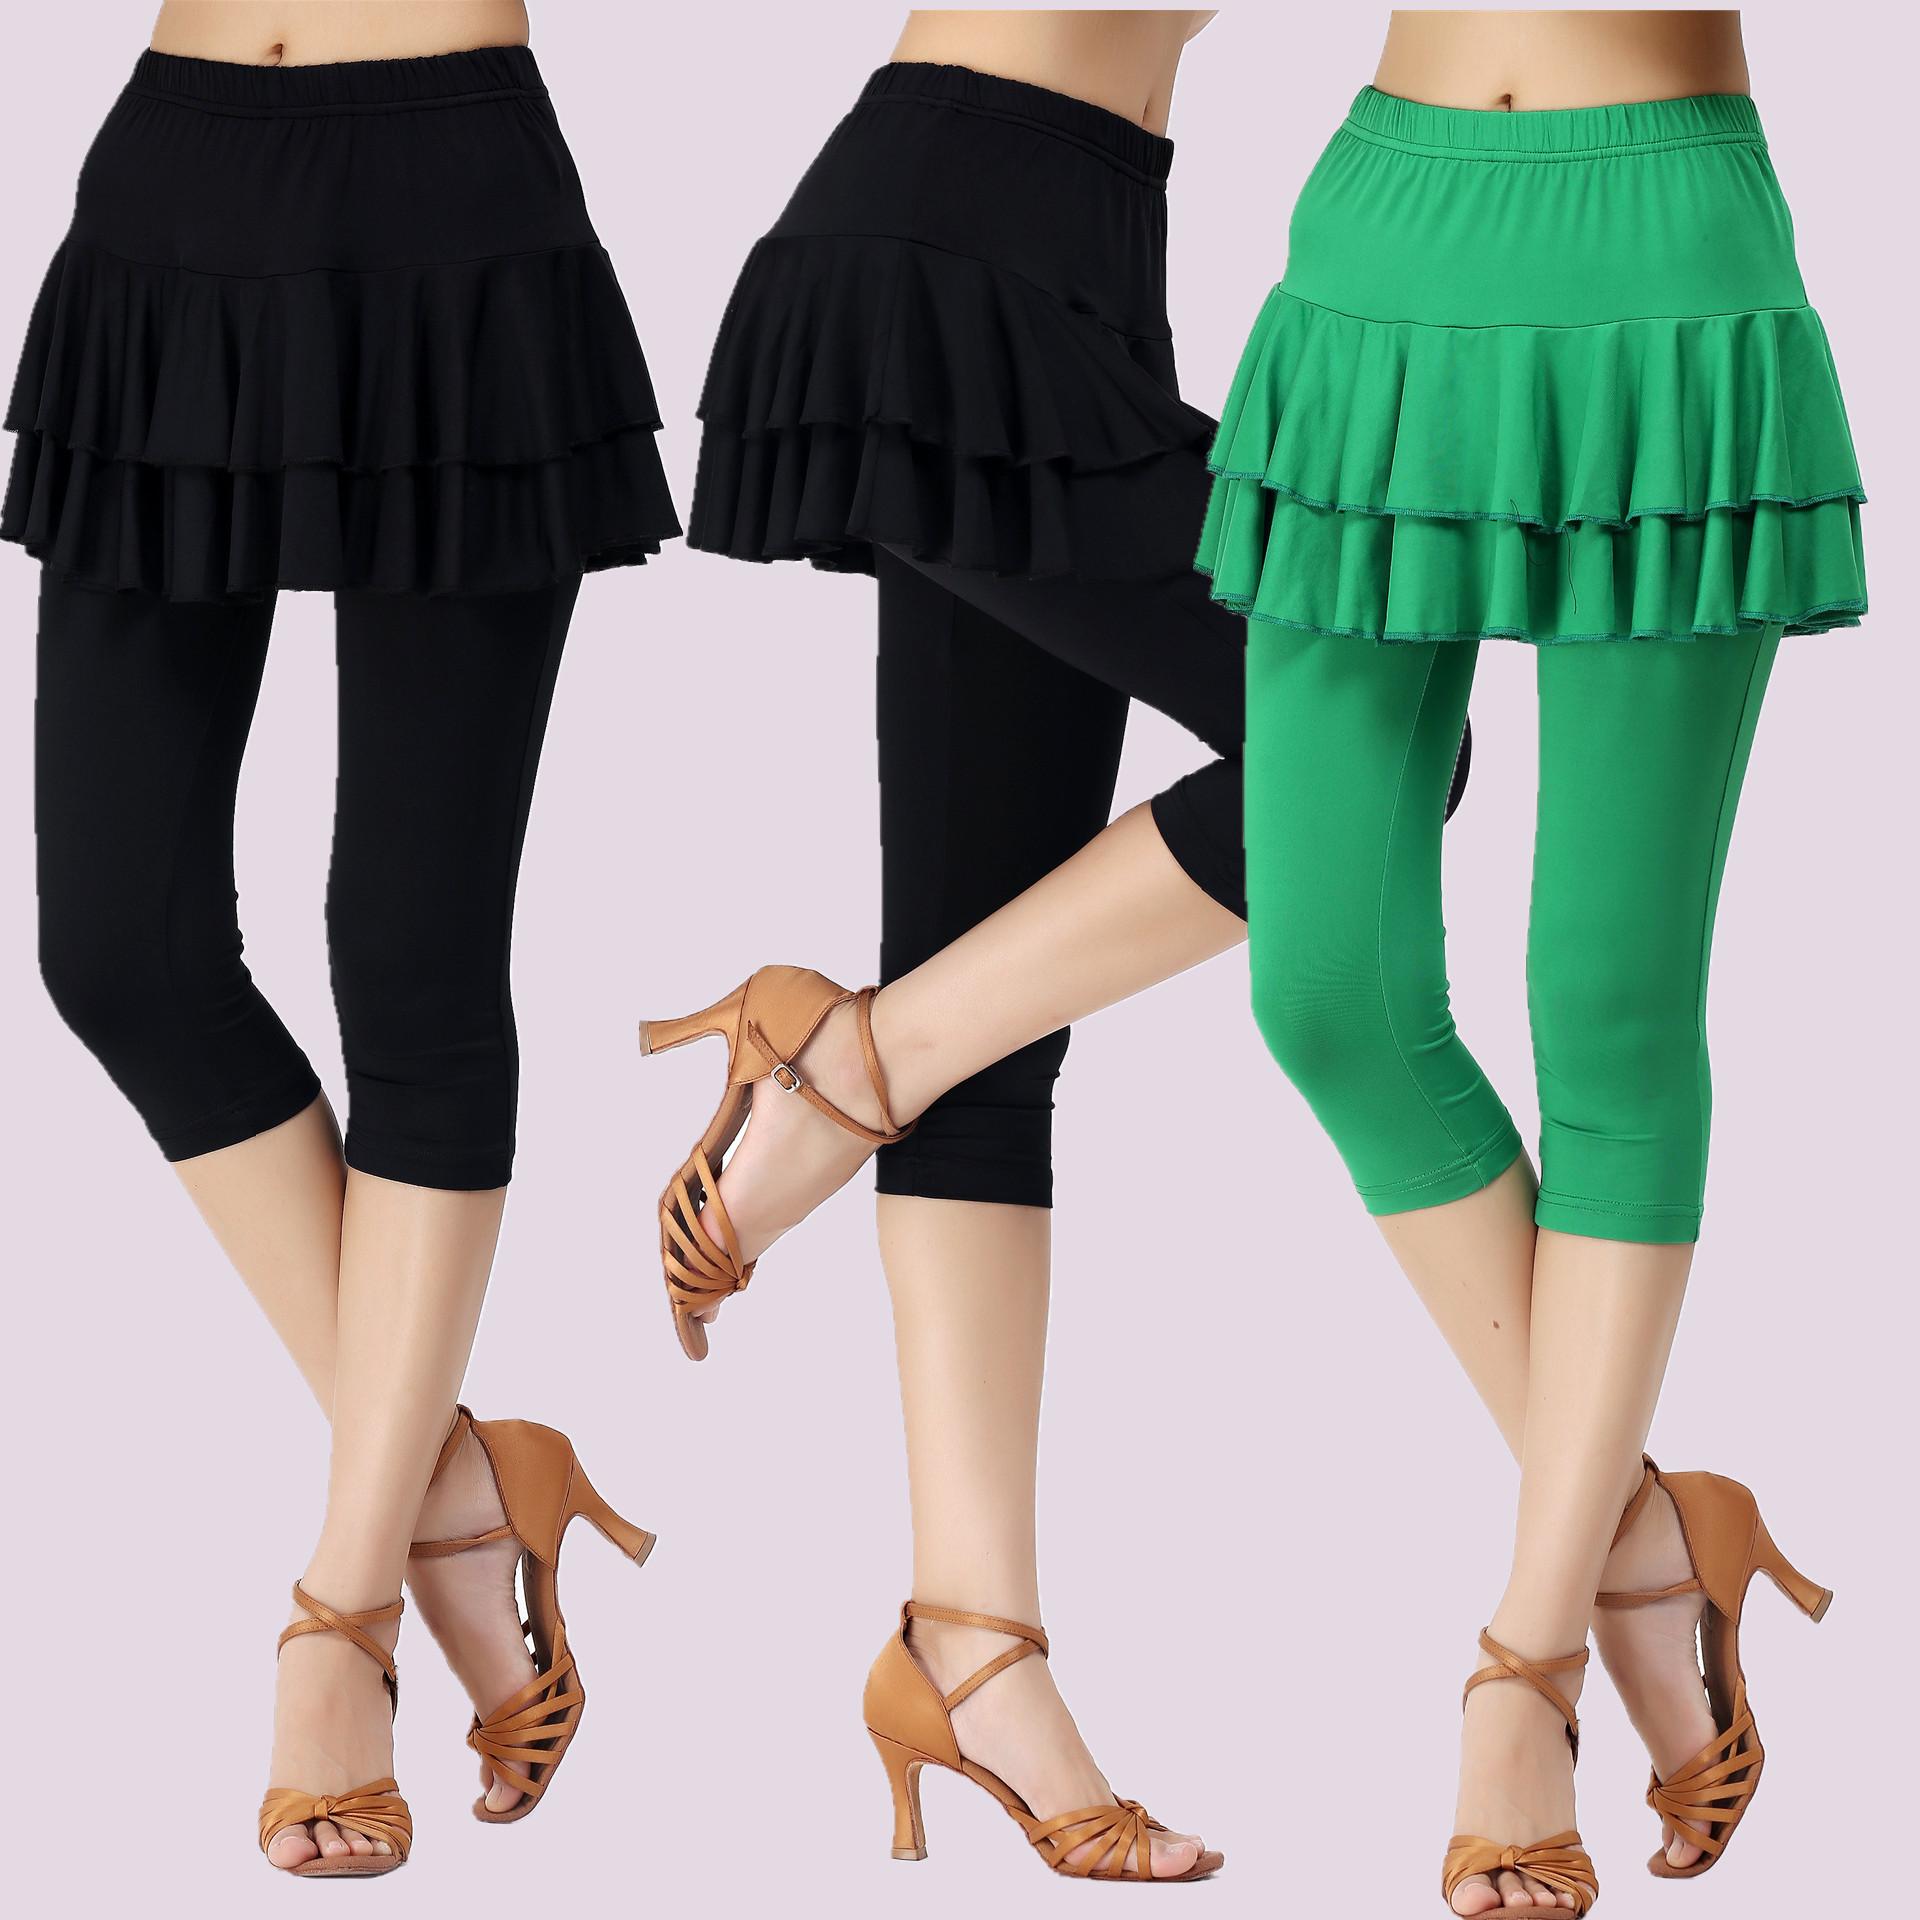 新款广场舞裙裤舞蹈裤 黑色 绿色 红色中裤七分裤裙 表演裤包邮